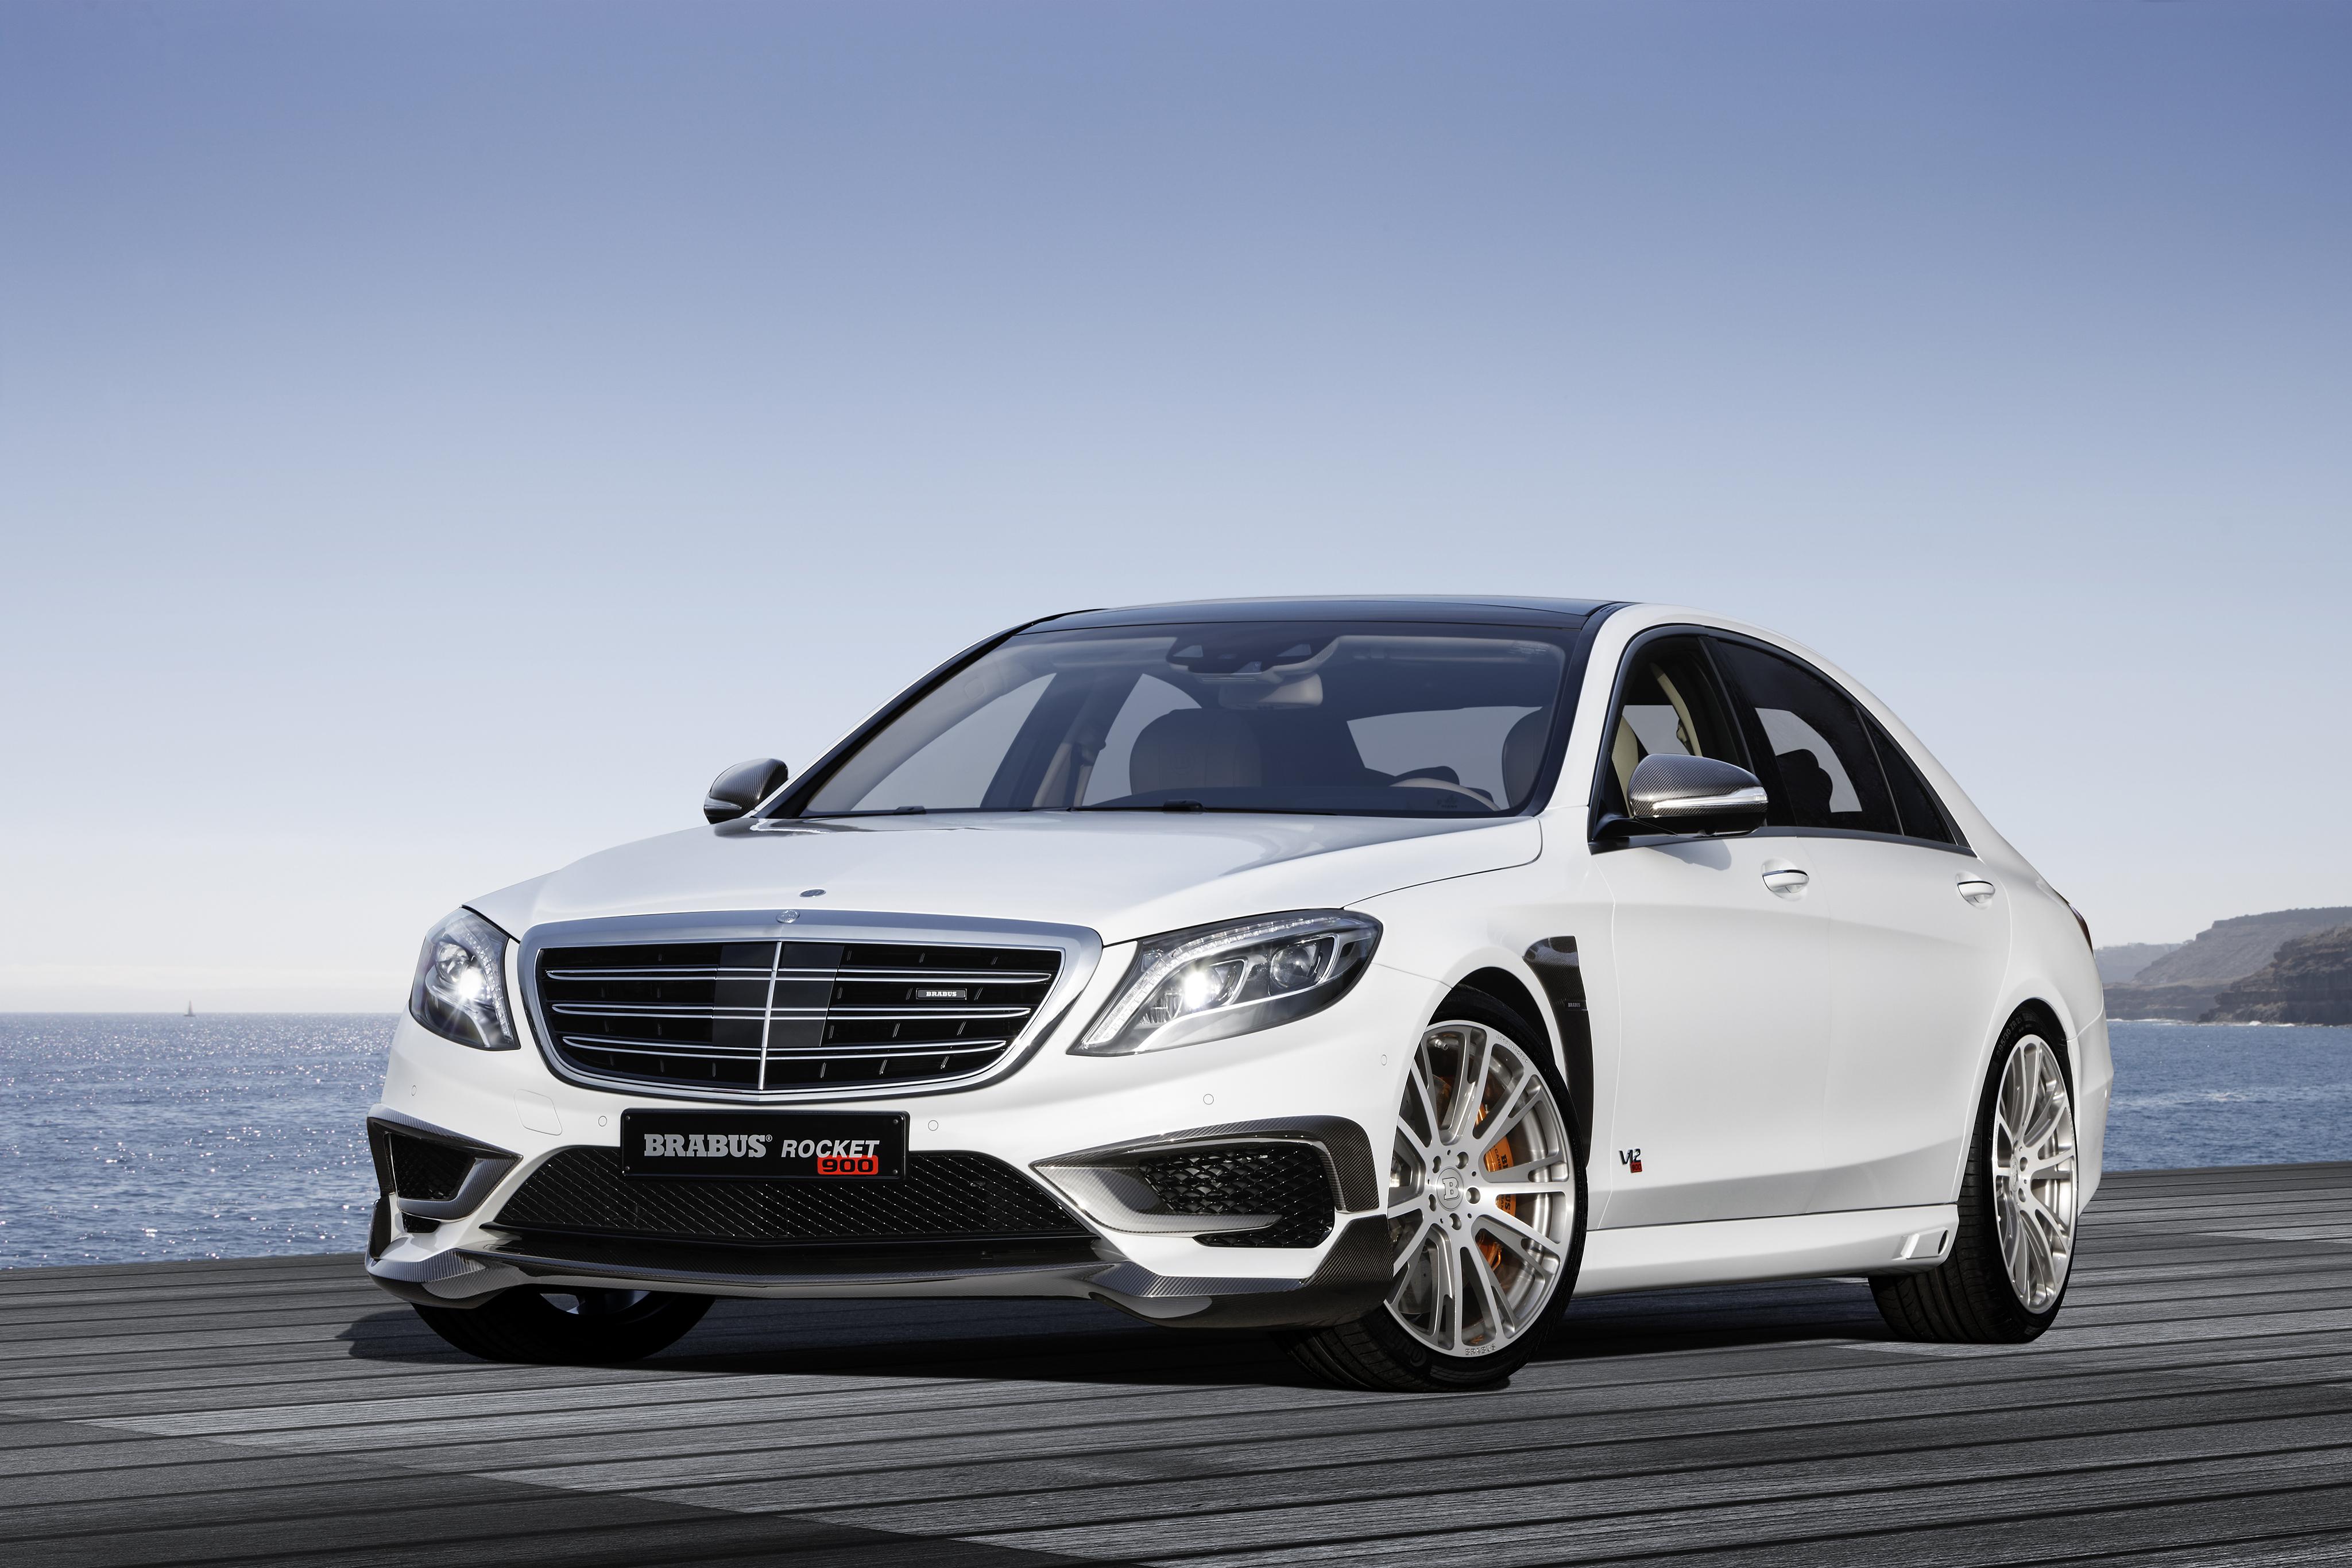 72974 Hintergrundbild herunterladen Mercedes, Cars, Vorderansicht, Frontansicht, 2015, Brabus, Rakete 900, W222 - Bildschirmschoner und Bilder kostenlos